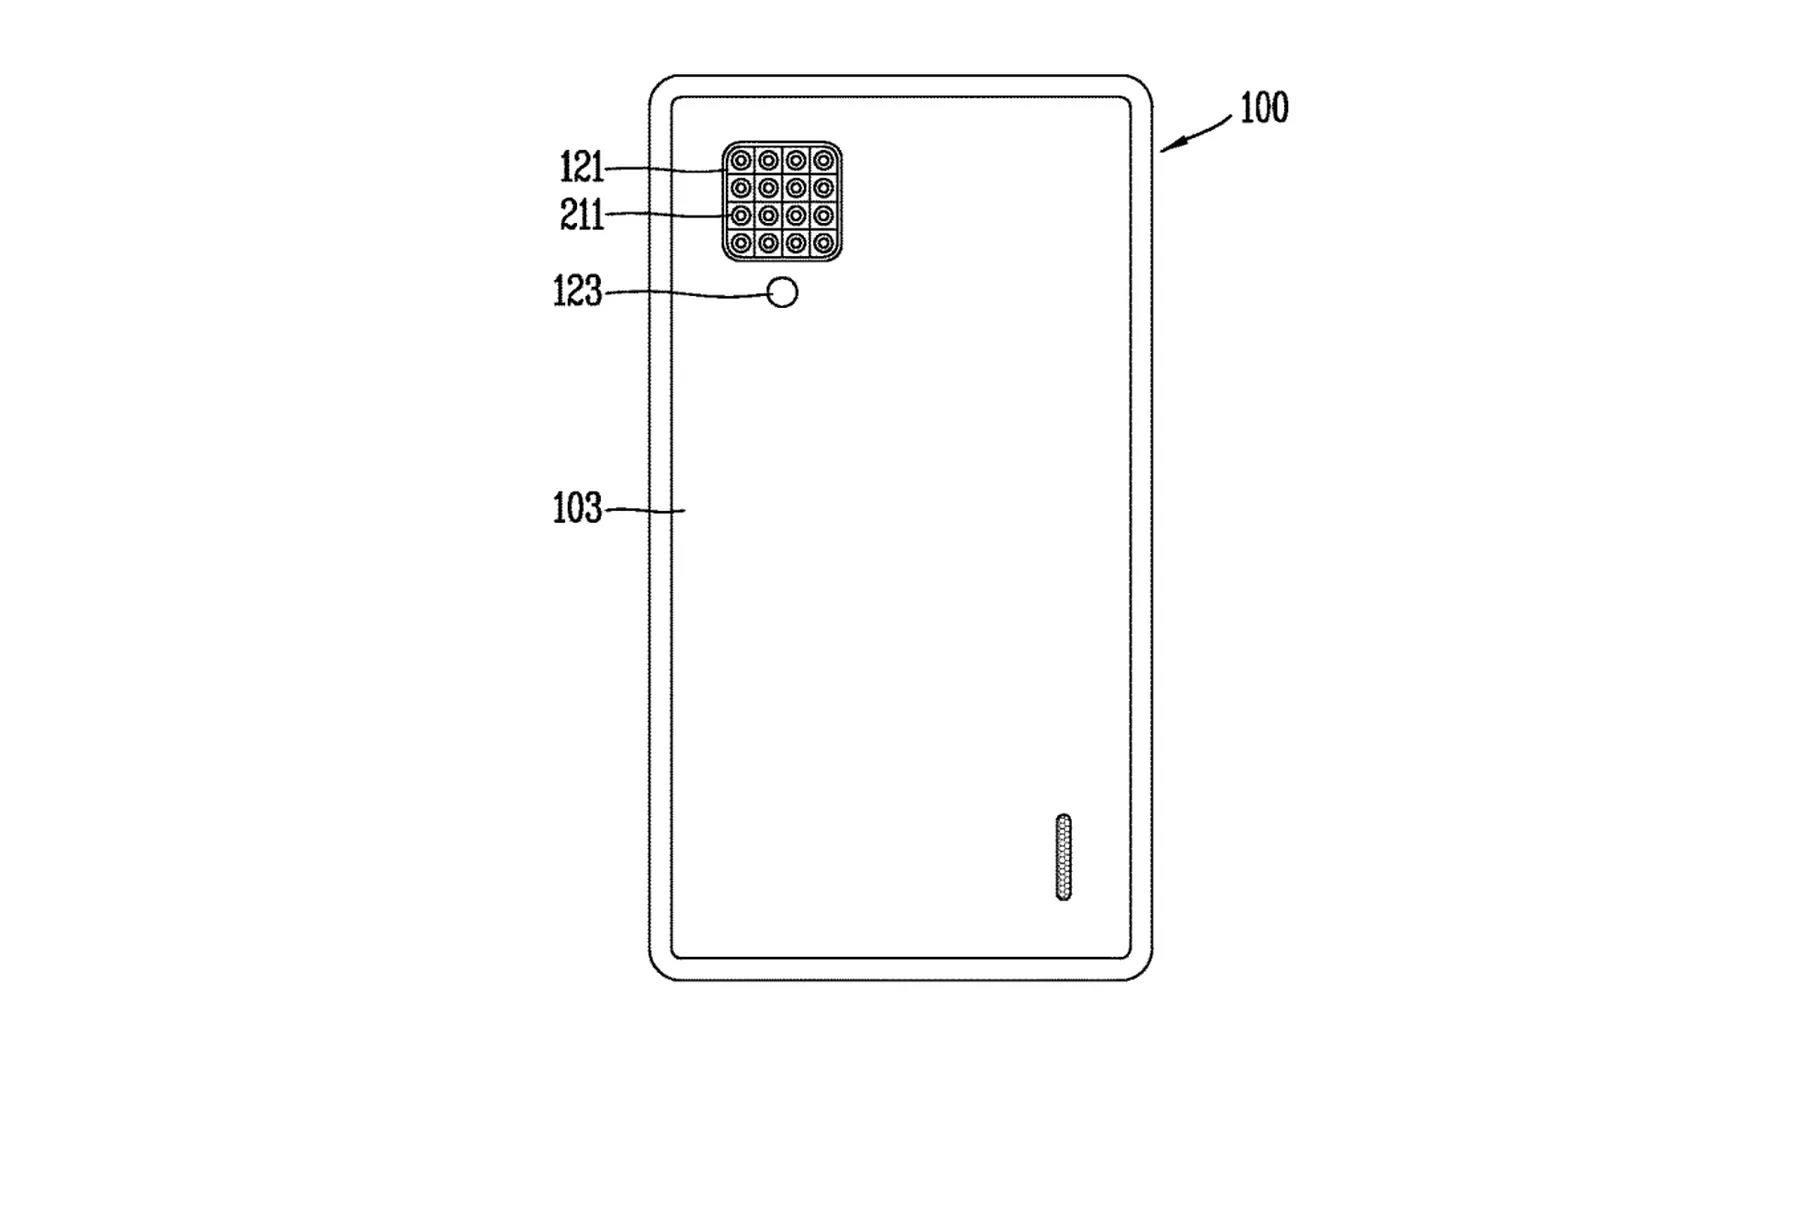 lg 16 arka kamera patent